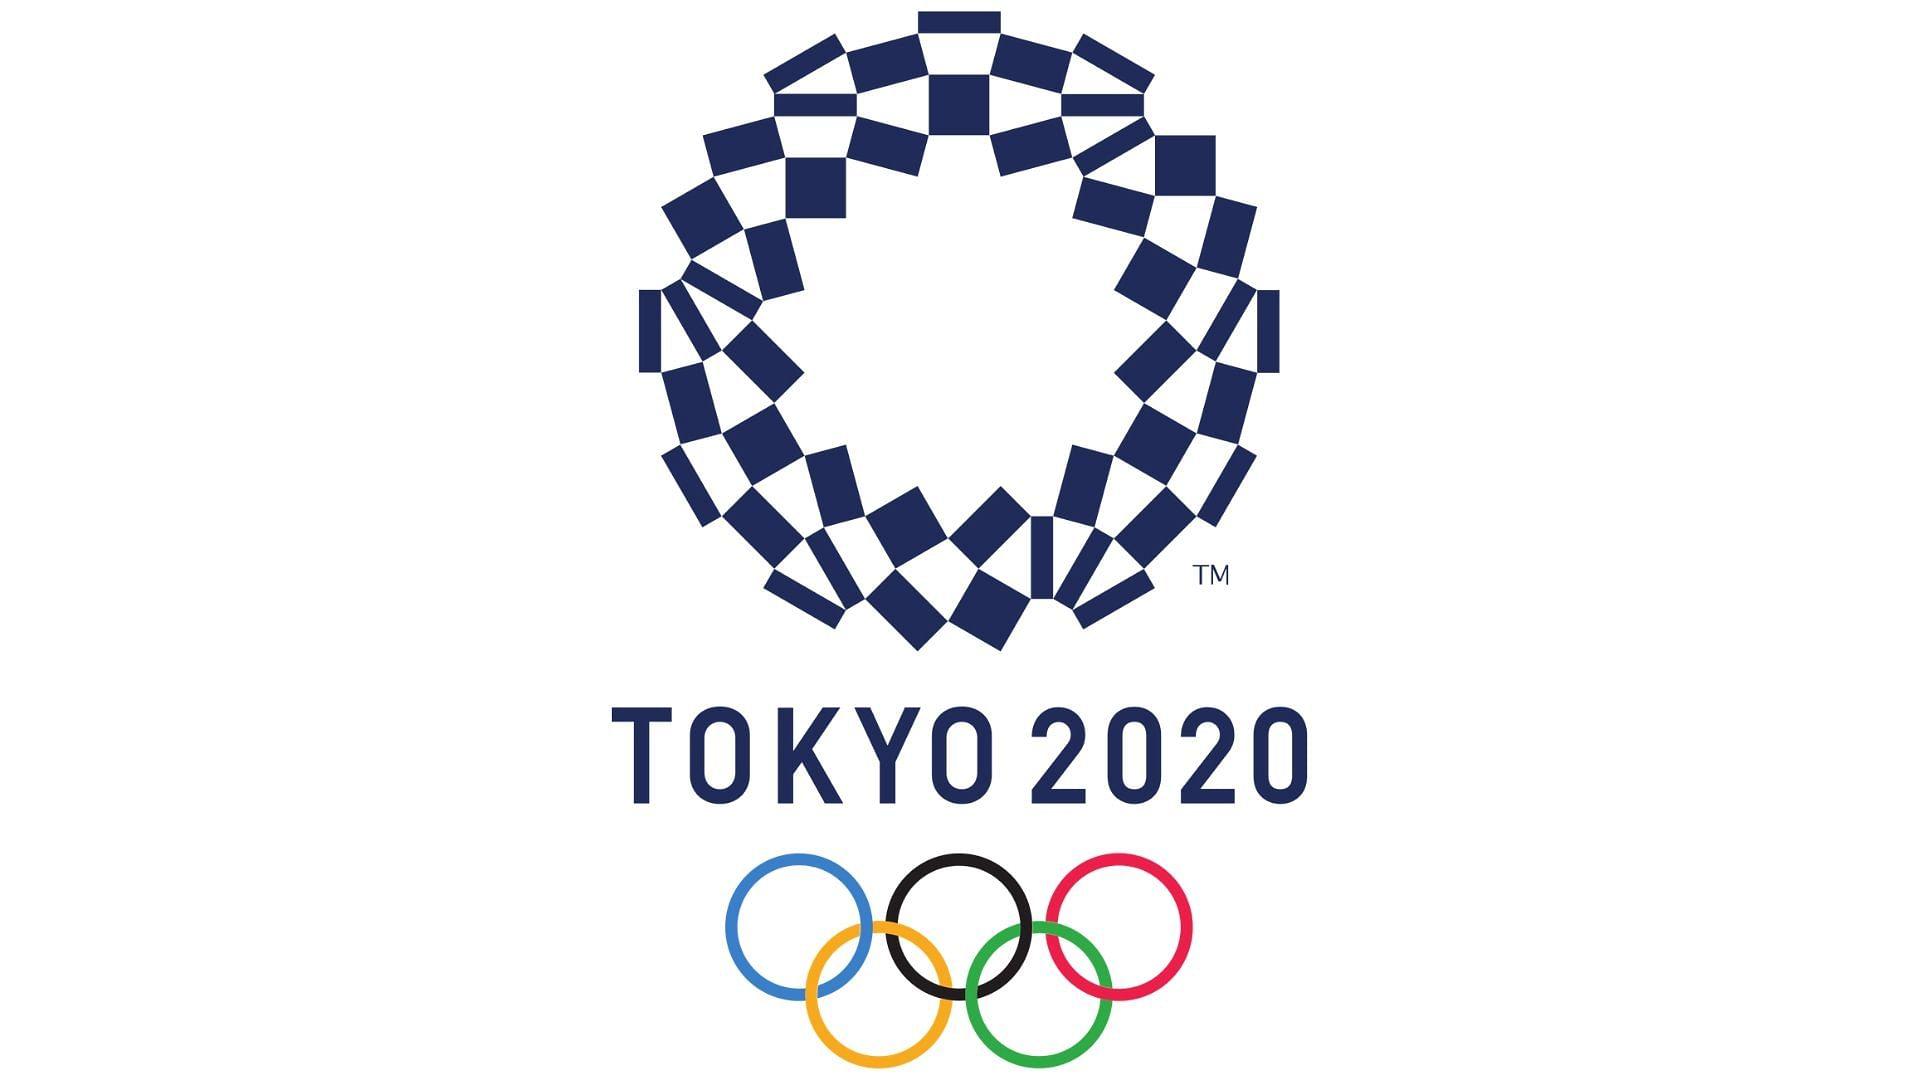 tokyo 2020?blur=25